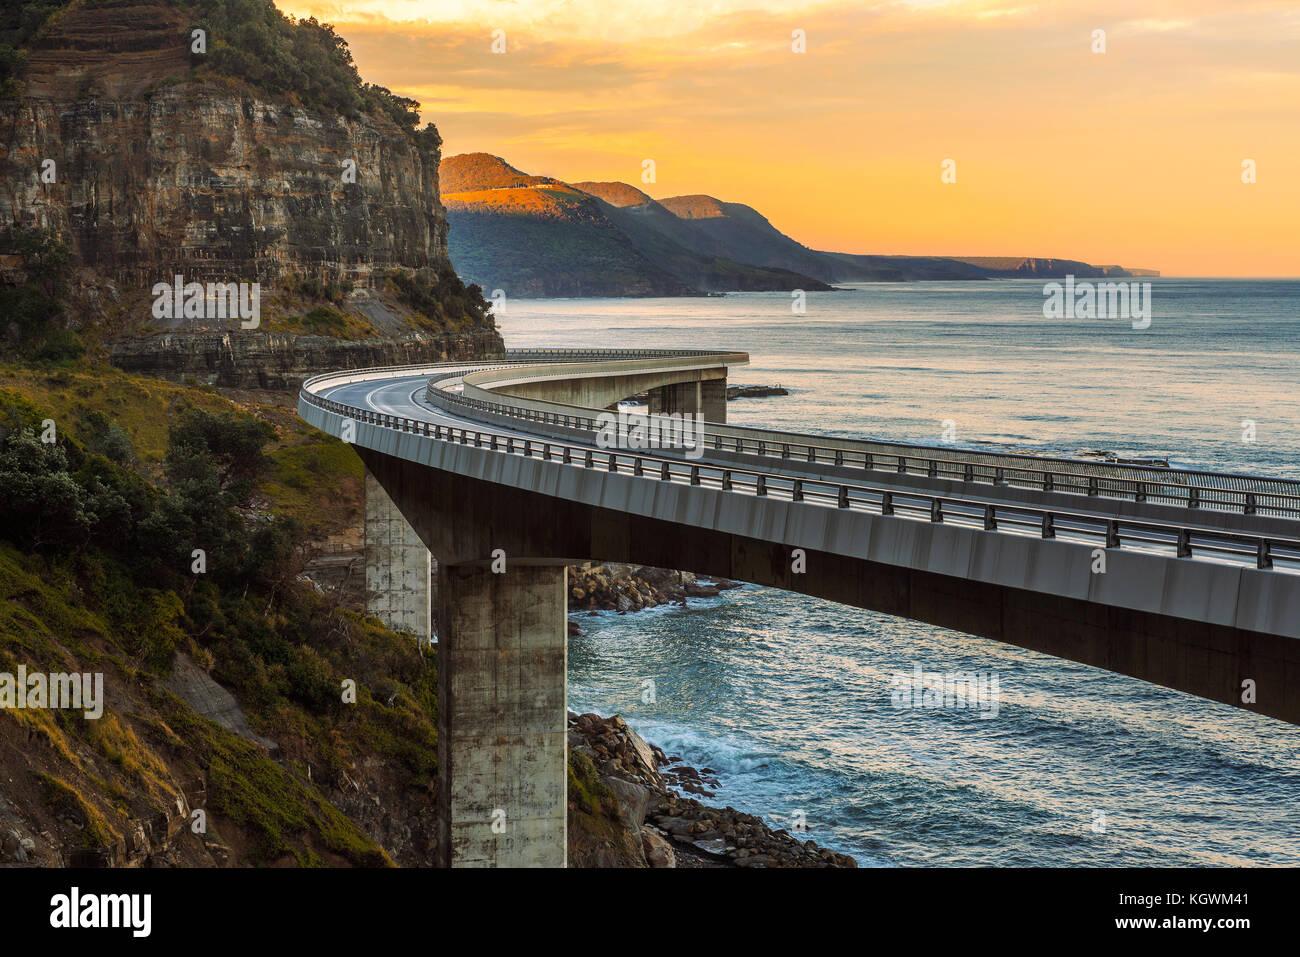 Coucher de soleil sur la mer falaise pont le long de l'océan Pacifique de l'Australie Photo Stock